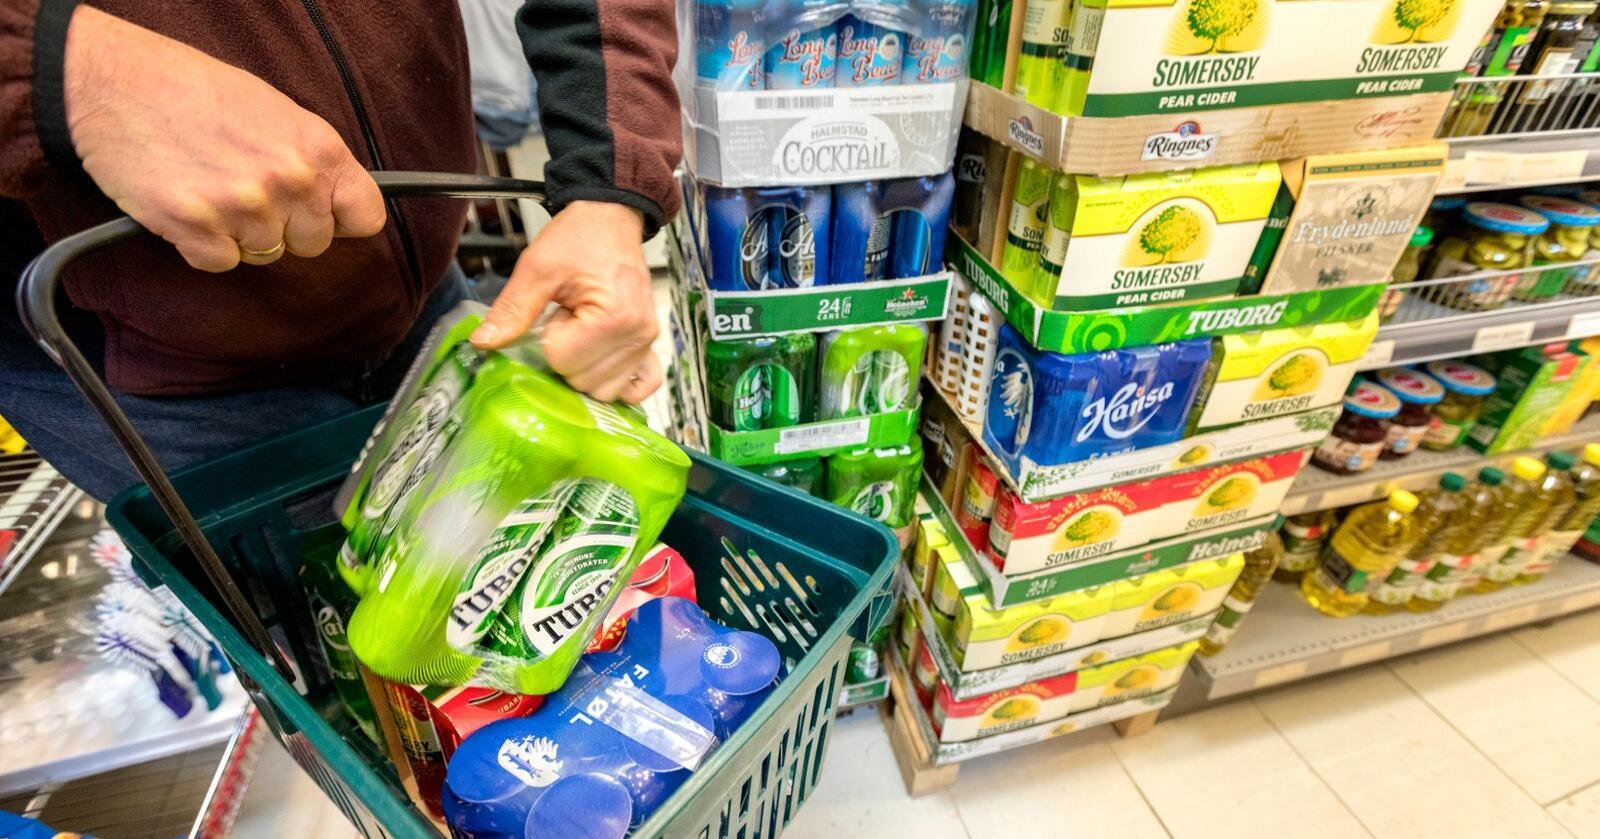 Høyre vil utvide åpningstidene for alkoholsalg, både på butikk og Vinmonopolet. Foto: Gorm Kallestad / NTB